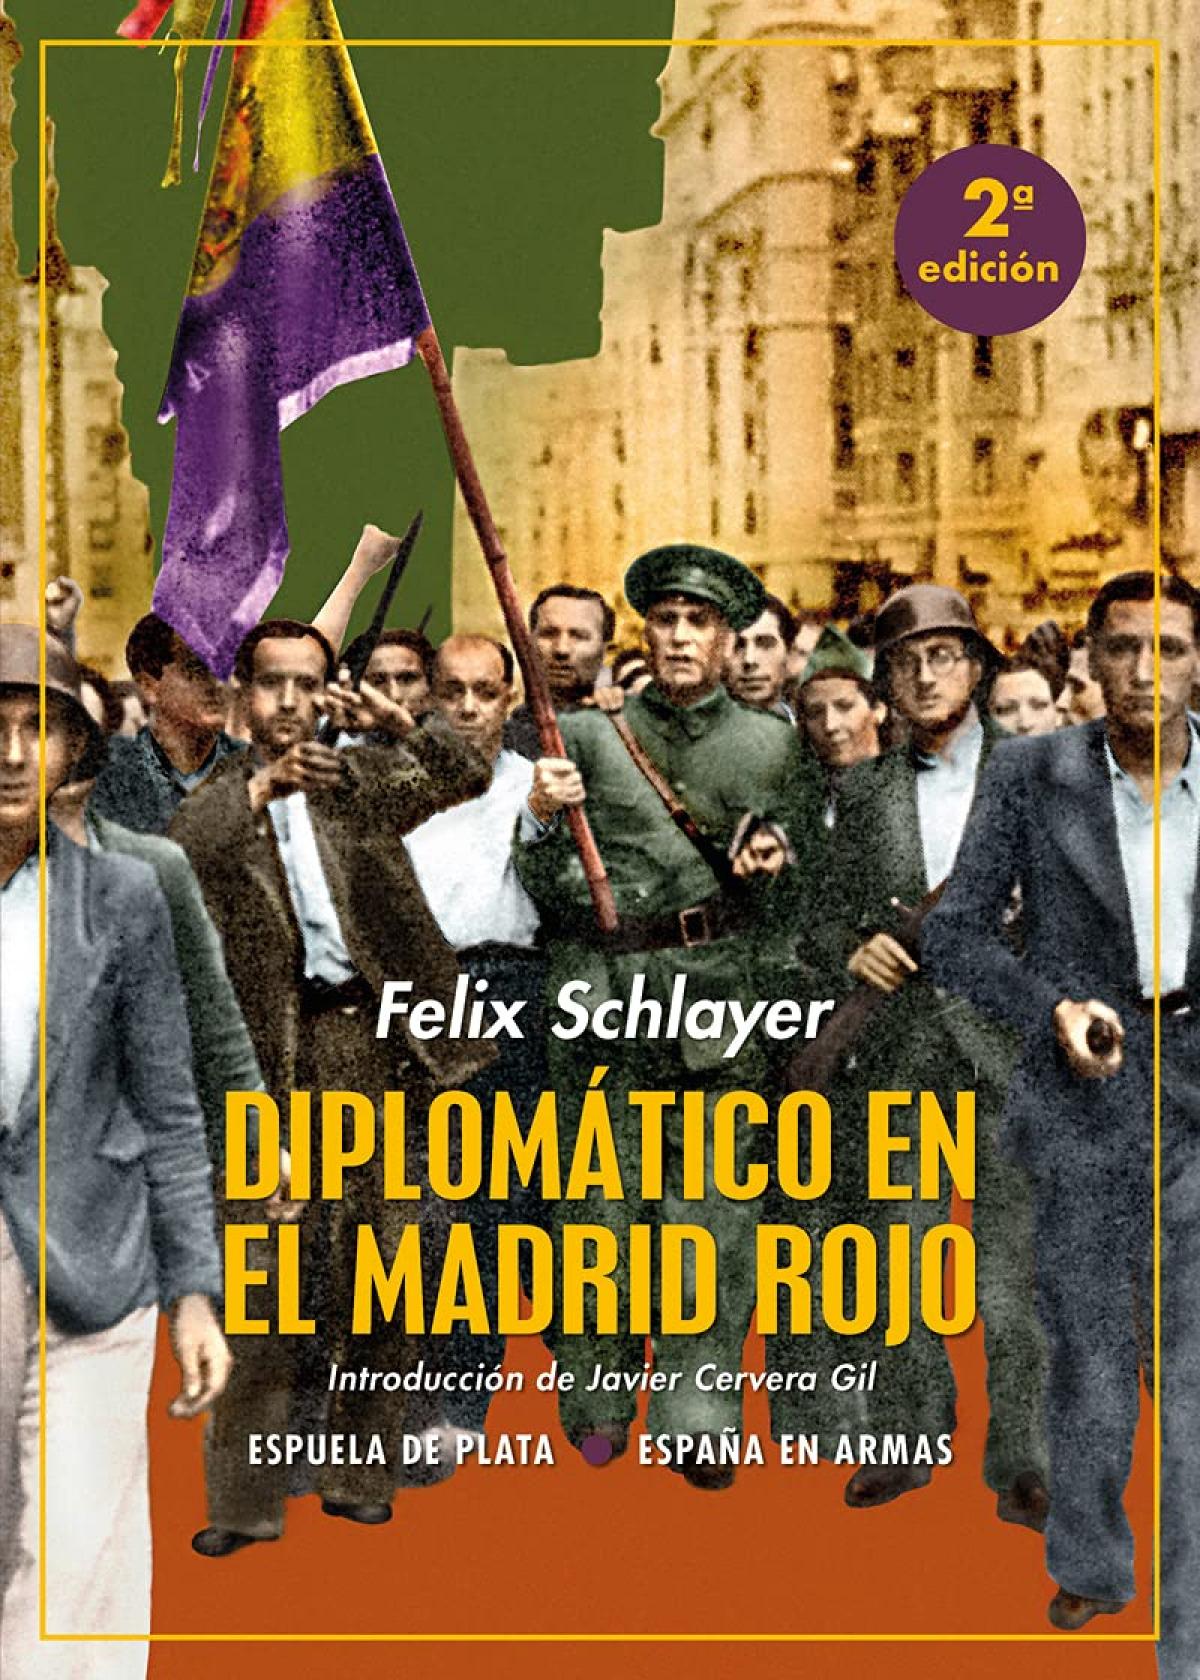 Diplomático en el Madrid rojo